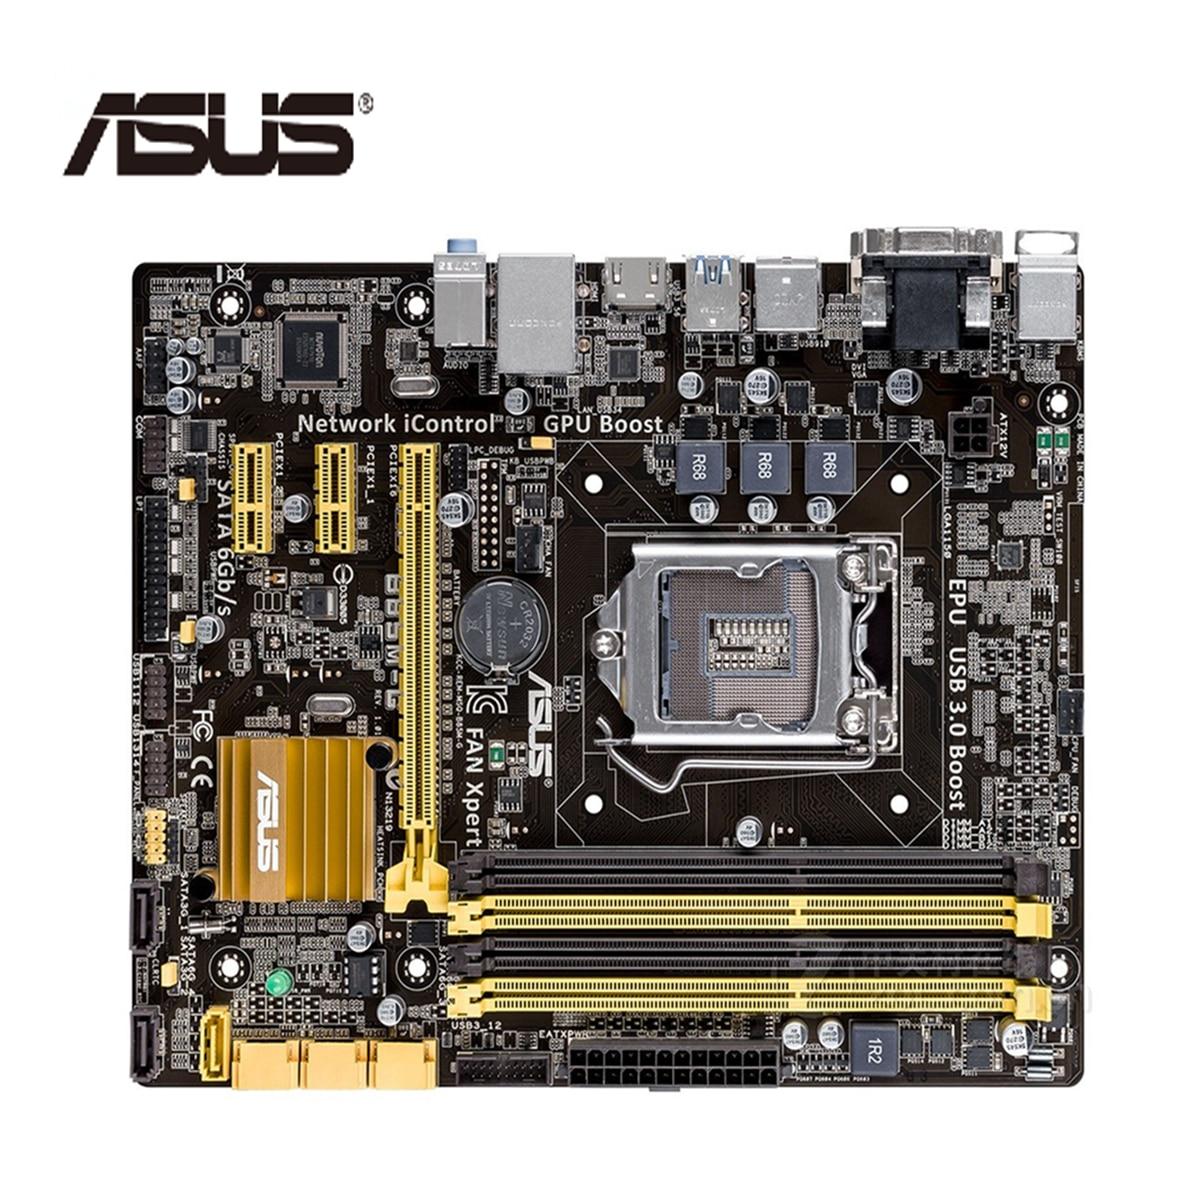 LGA 1150 ASUS B85M-G Motherboard M-ATX B85M-G Systemboard B85M DDR3 For Intel B85 32GB Desktop Mainboard USB 3 SATA3 B85MG Used